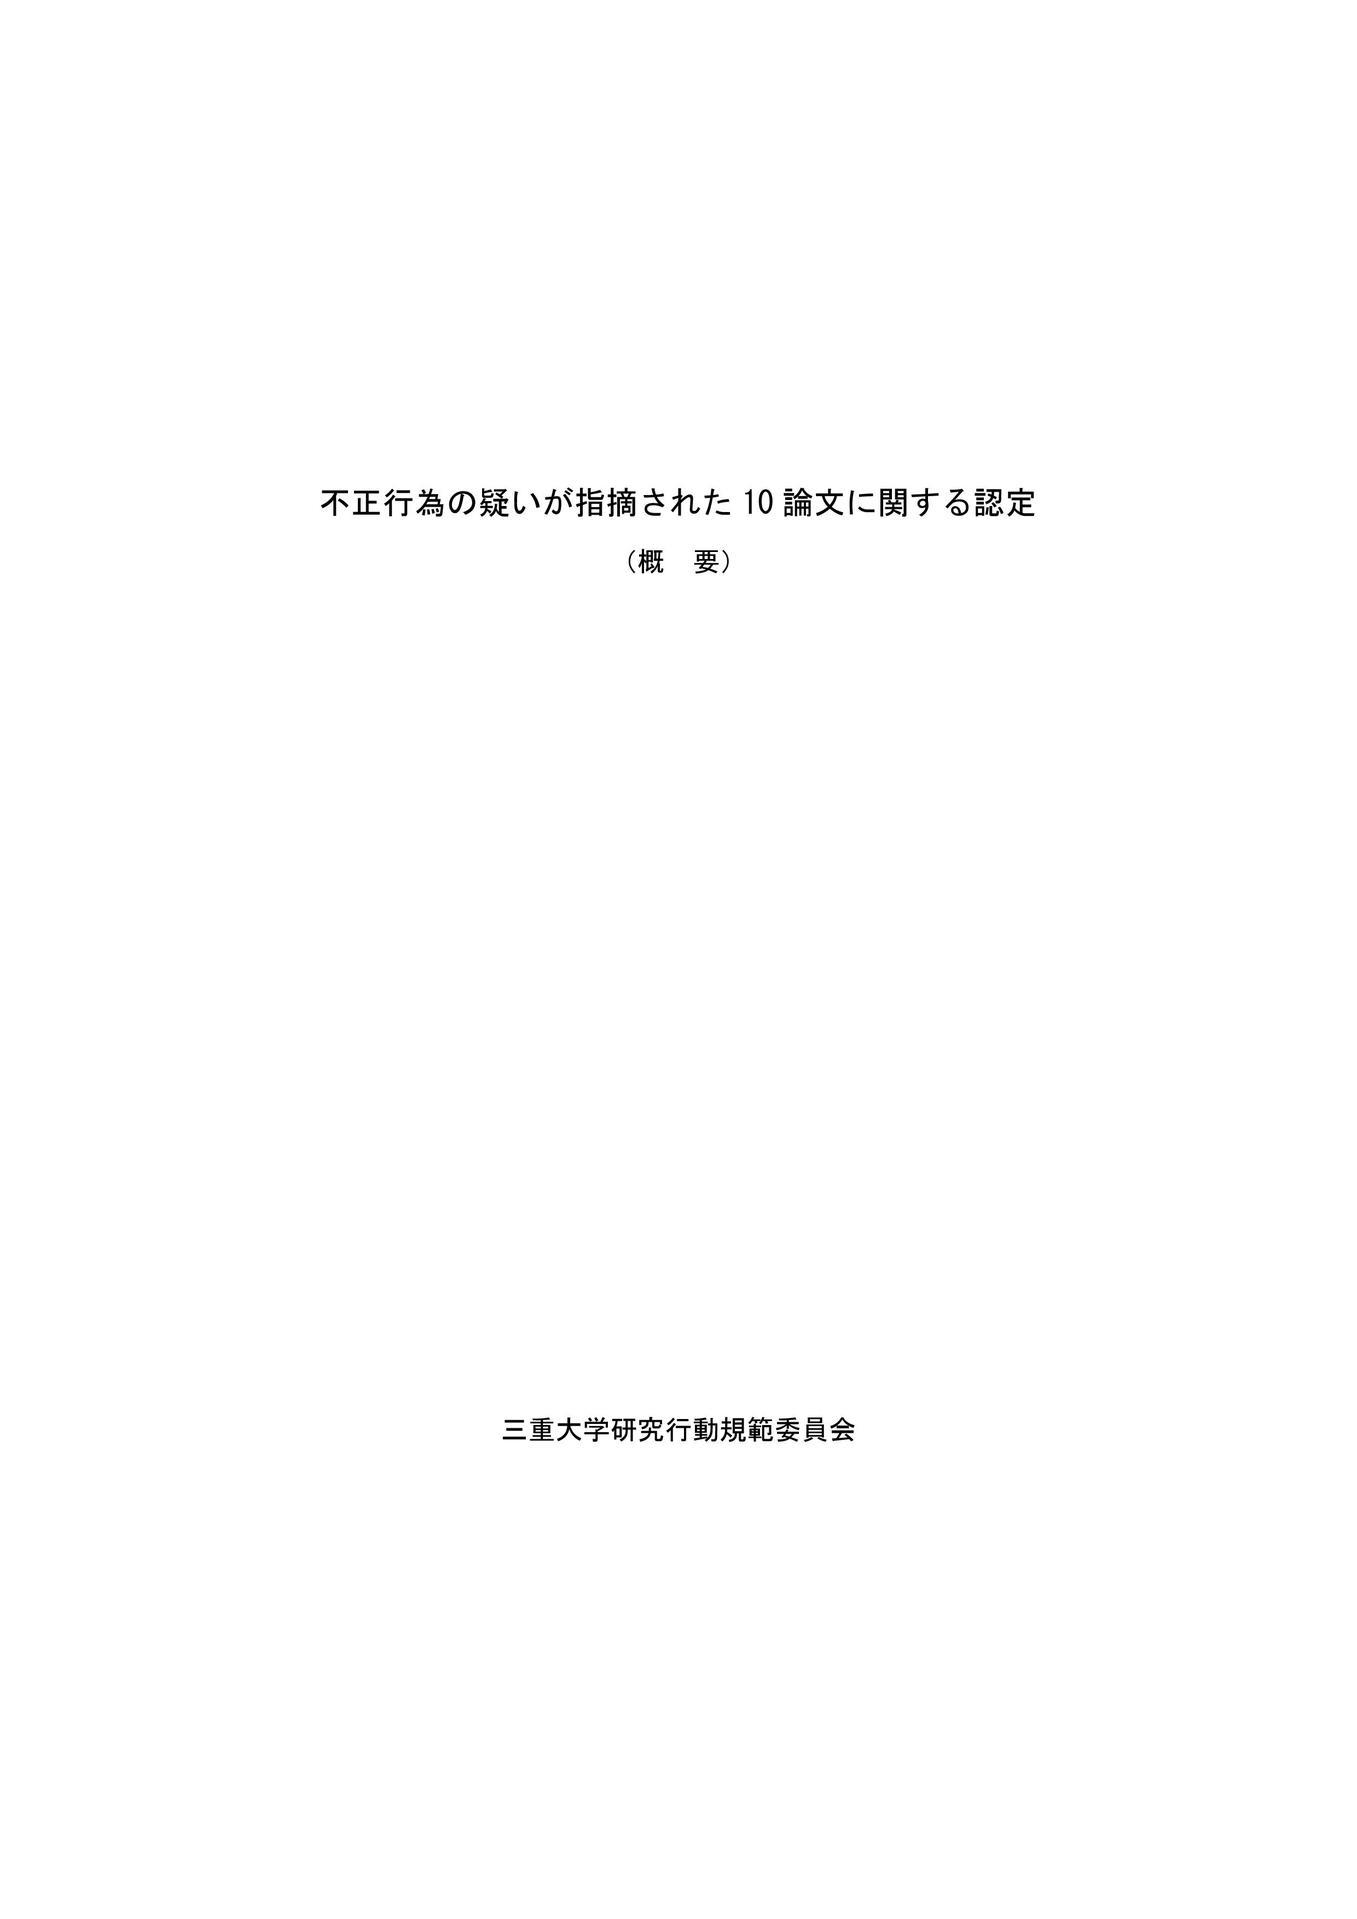 不正行為の疑いが指摘された 10 論文に関する認定(三重大学研究行動 ...